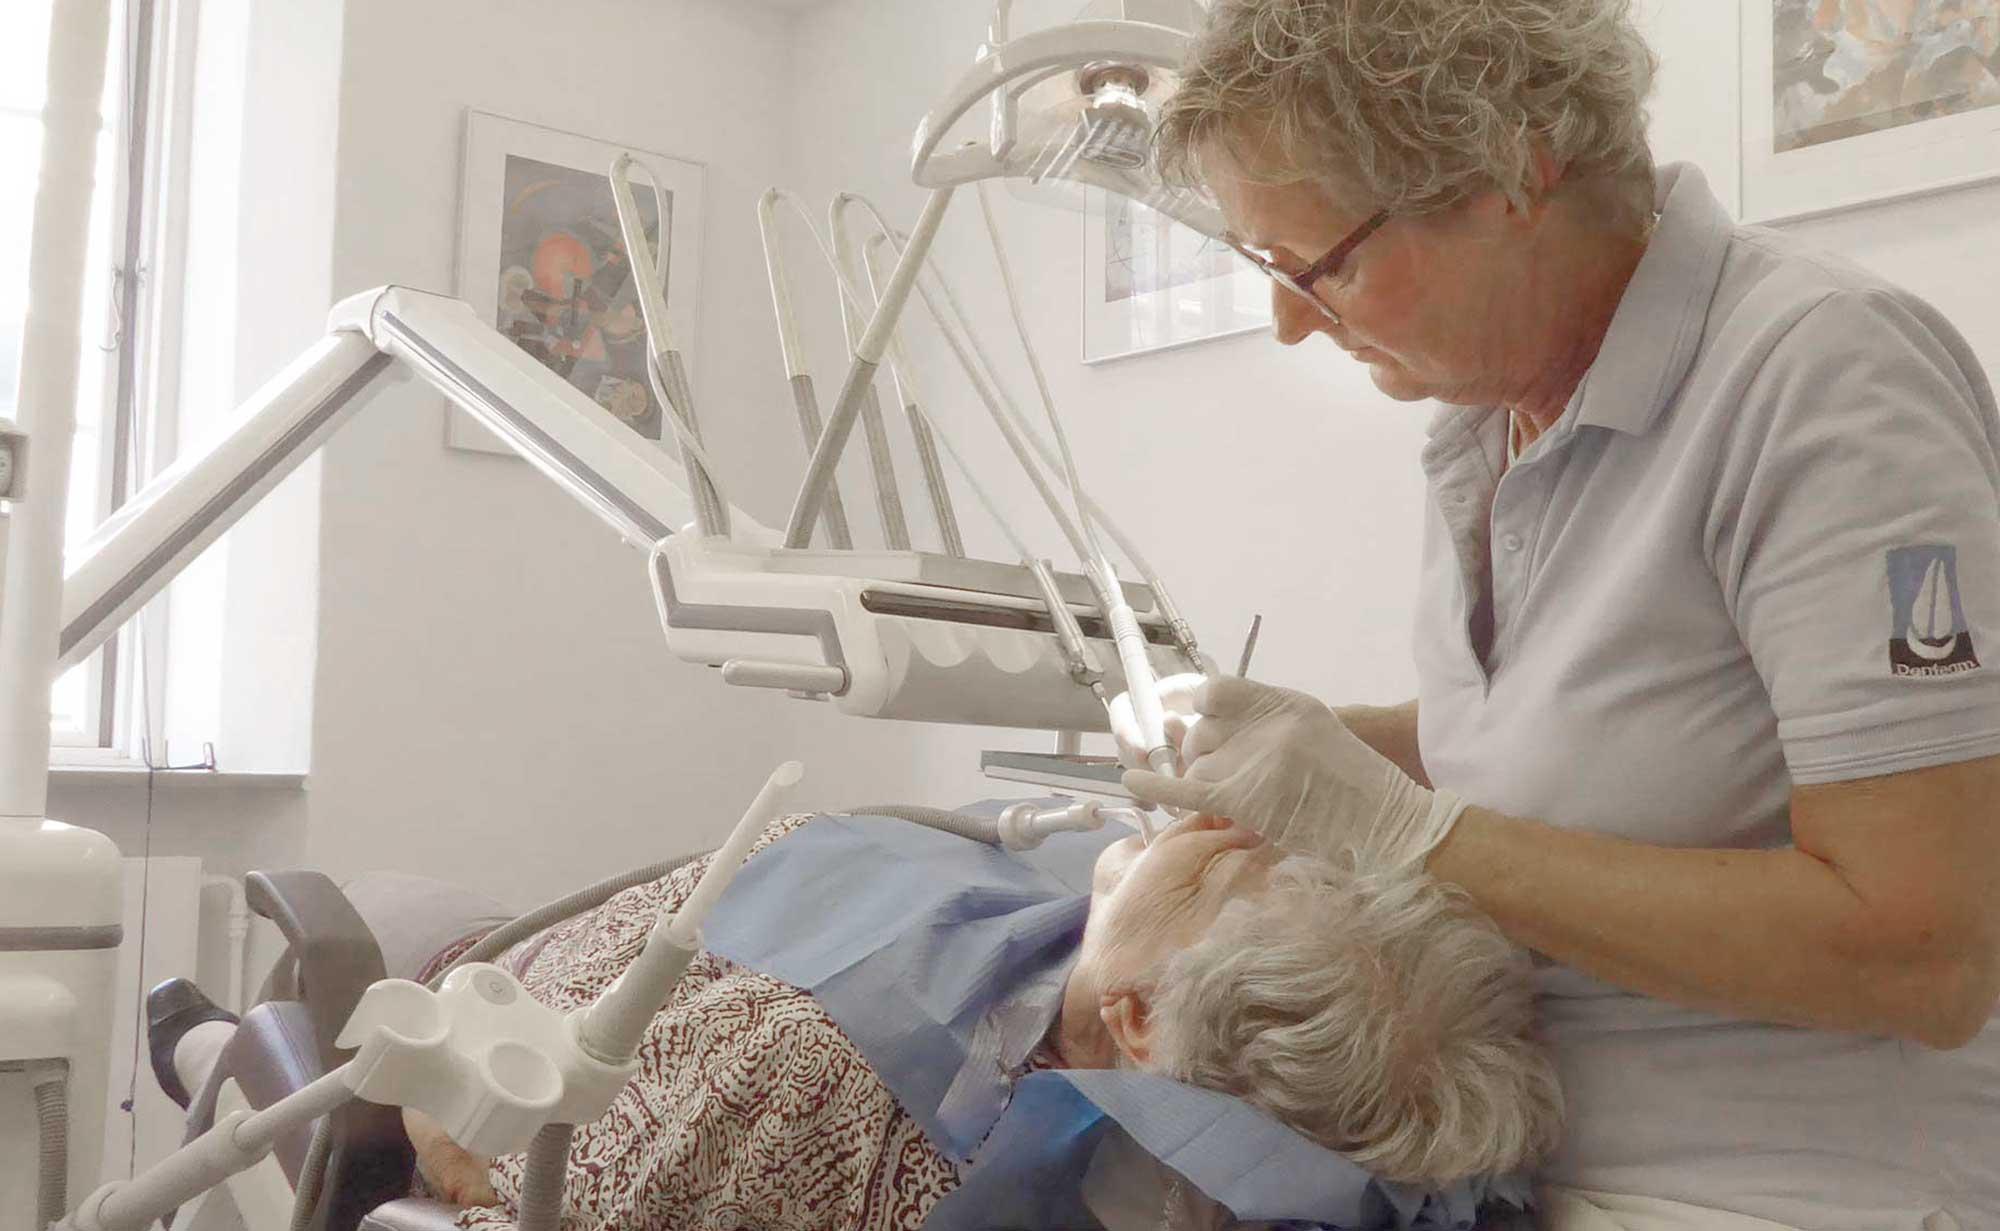 Tandrensning af tandtekniker